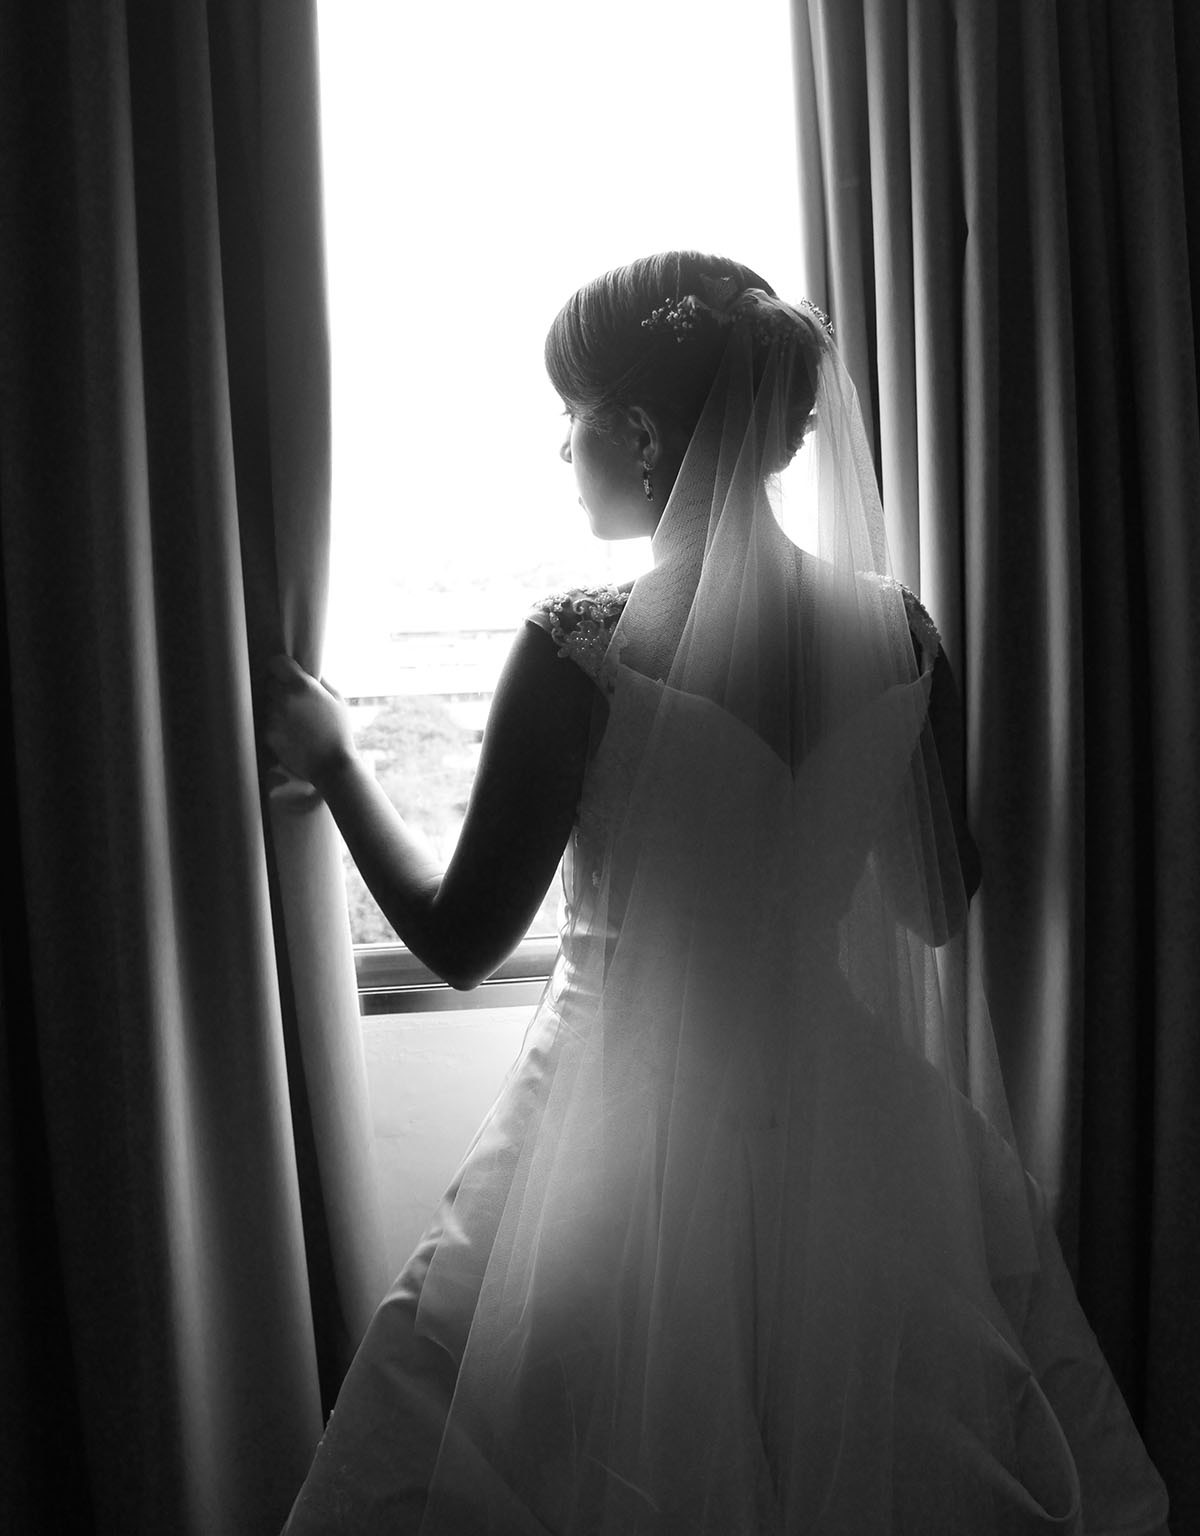 ¿Cuáles son los lentes ideales para hacer mejores fotos de bodas?